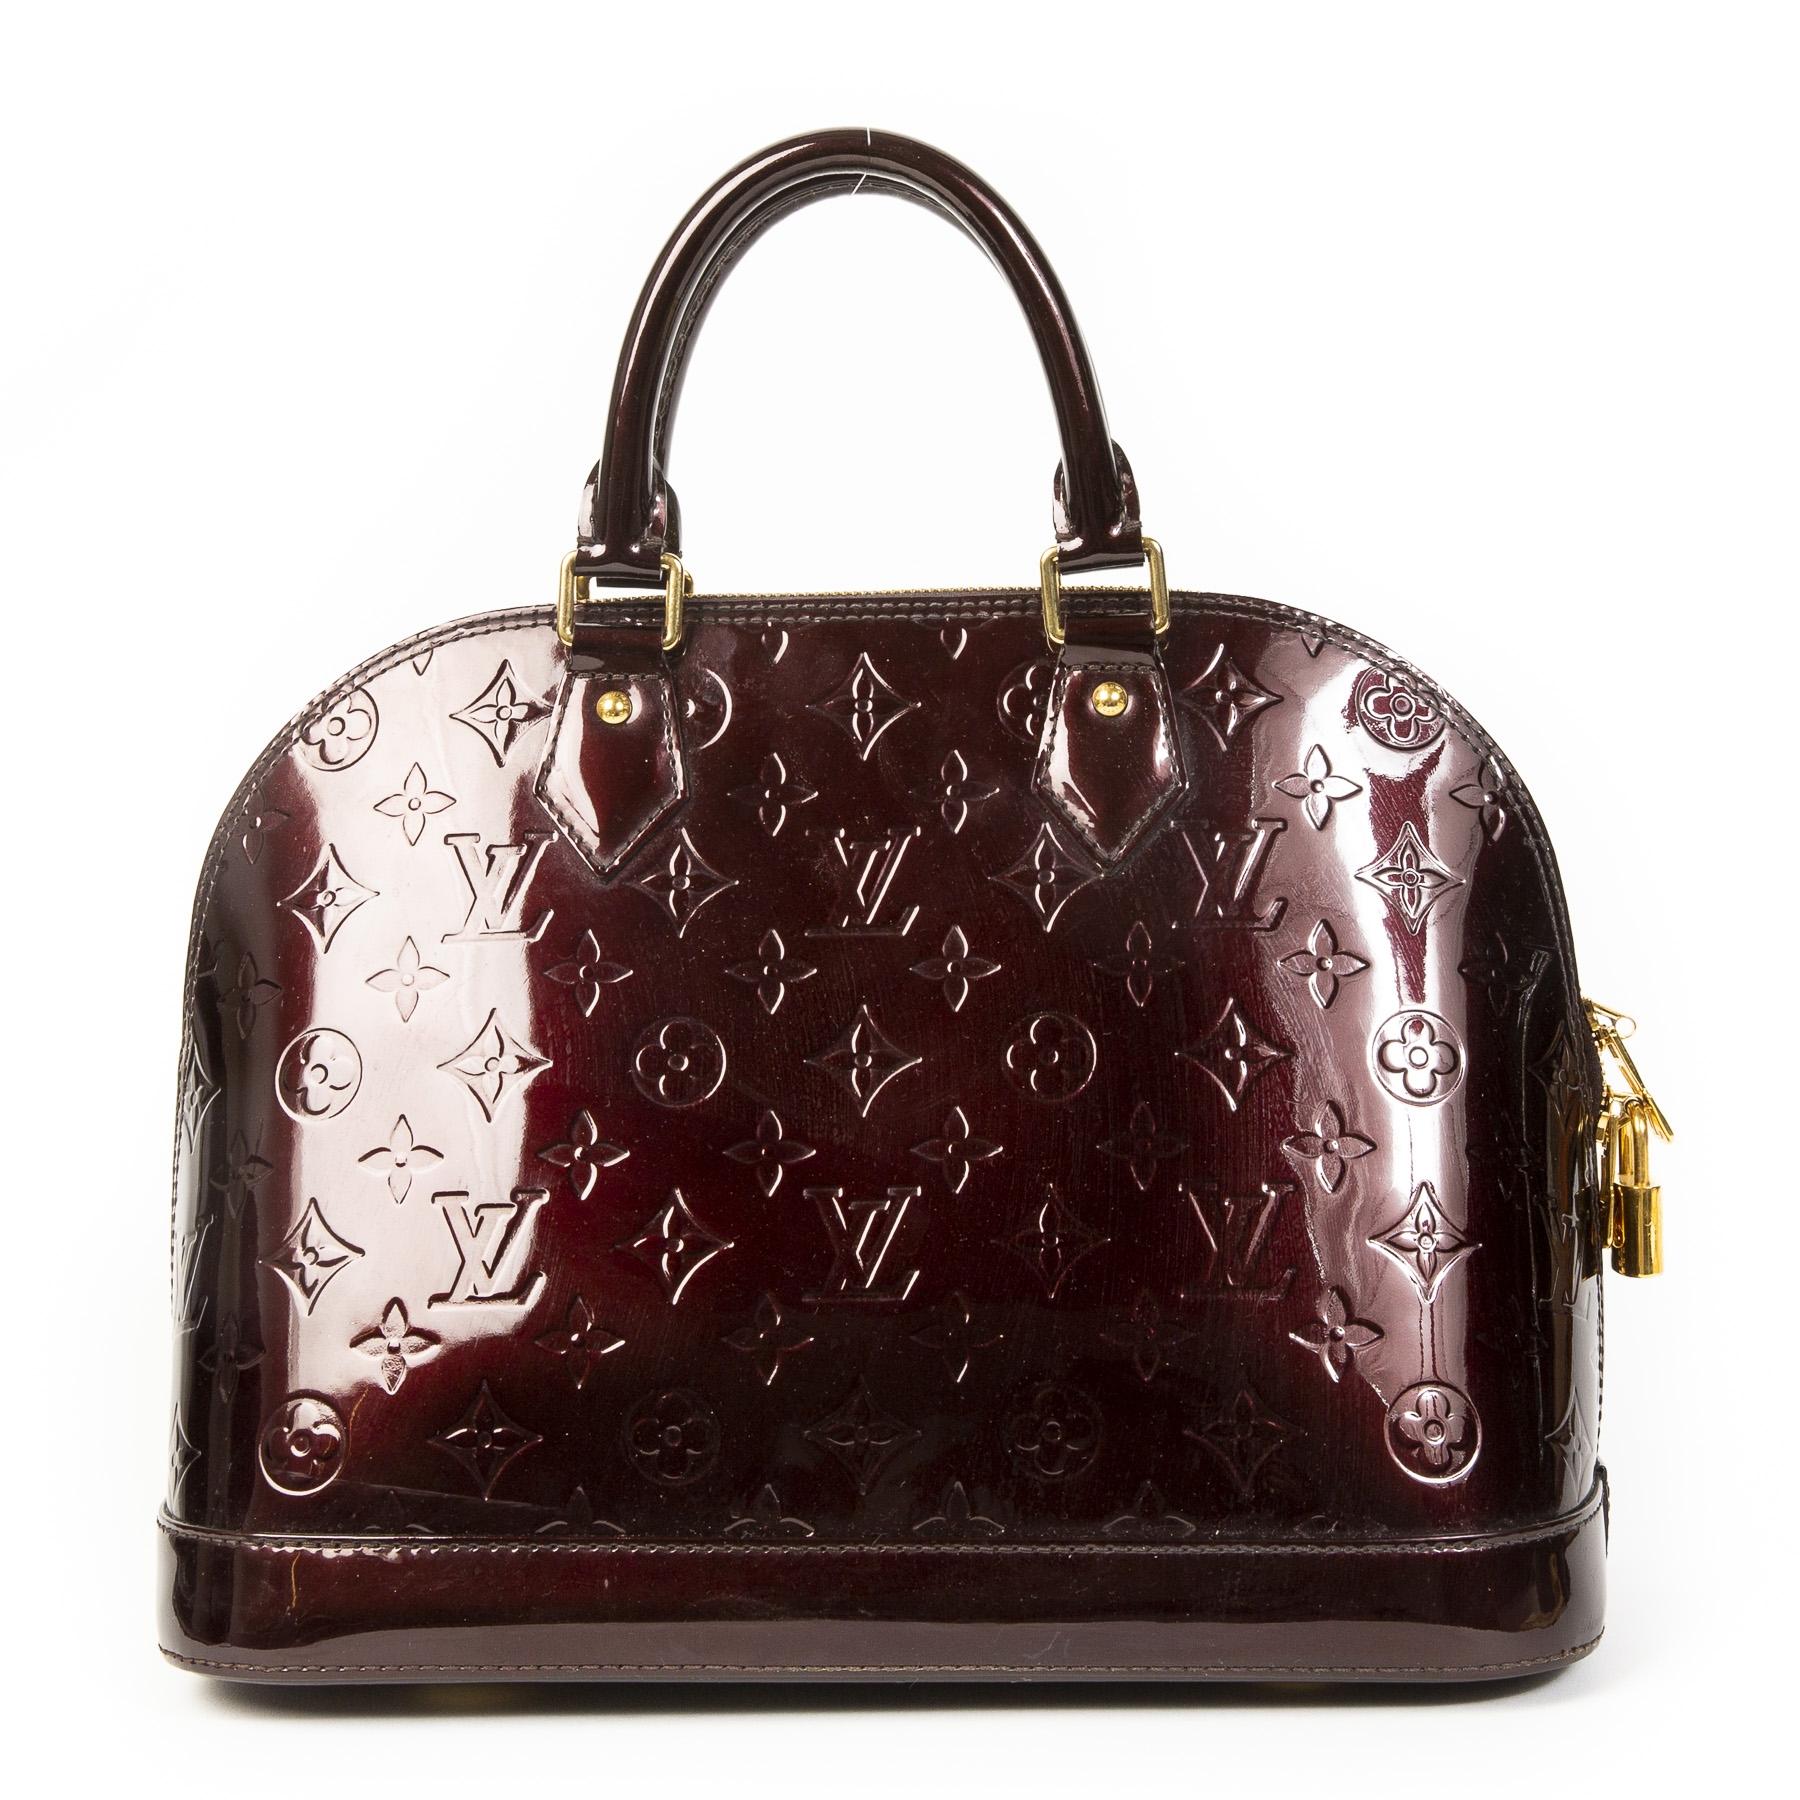 Authentieke Tweedehands Louis Vuitton Amarante Vernis Alma Bag juiste prijs veilig online shoppen luxe merken webshop winkelen Antwerpen België